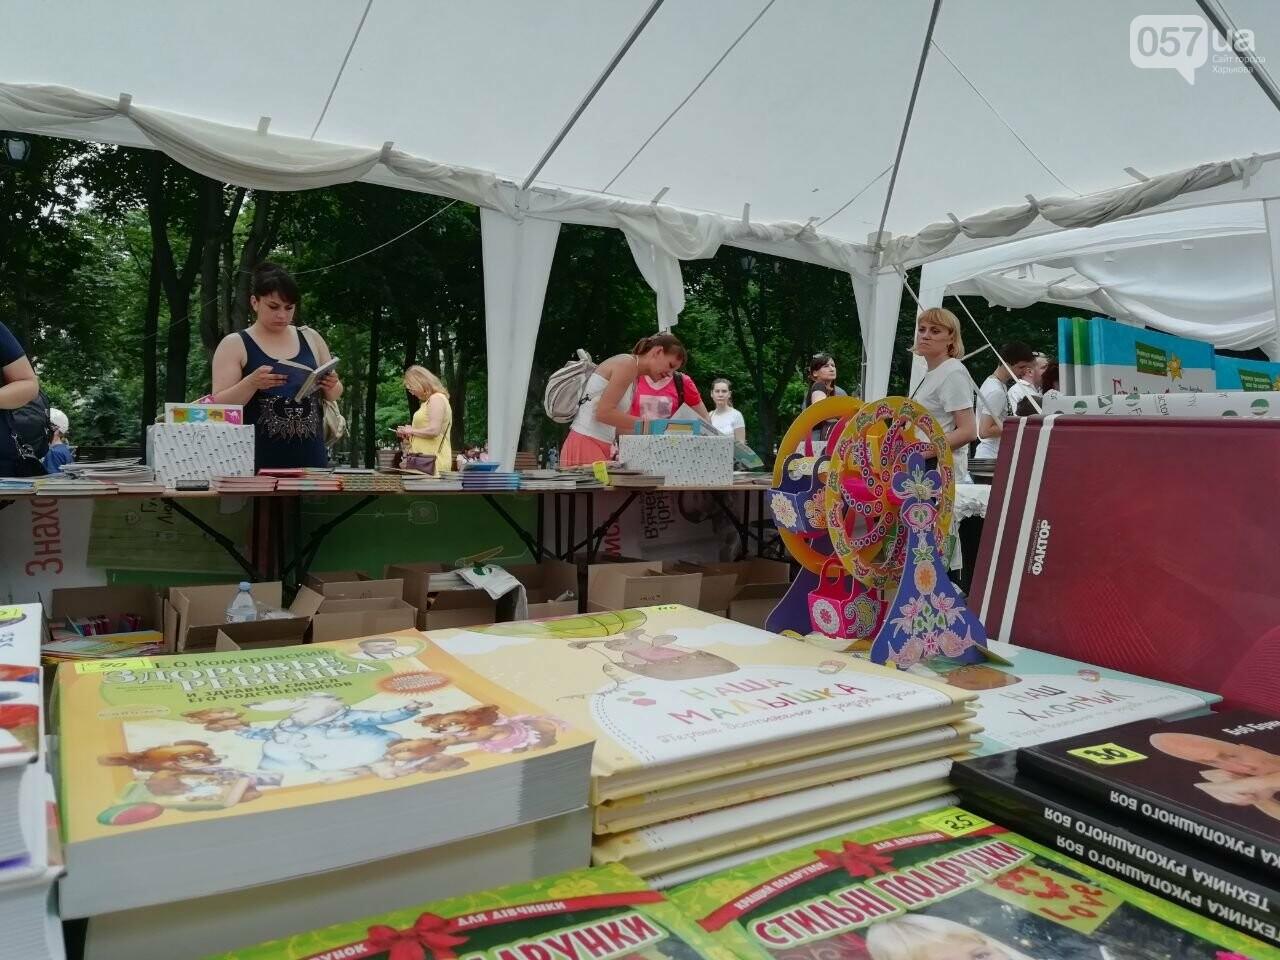 Литература для детей и взрослых: в центре Харькова проходит книжная ярмарка, - ФОТО, фото-3